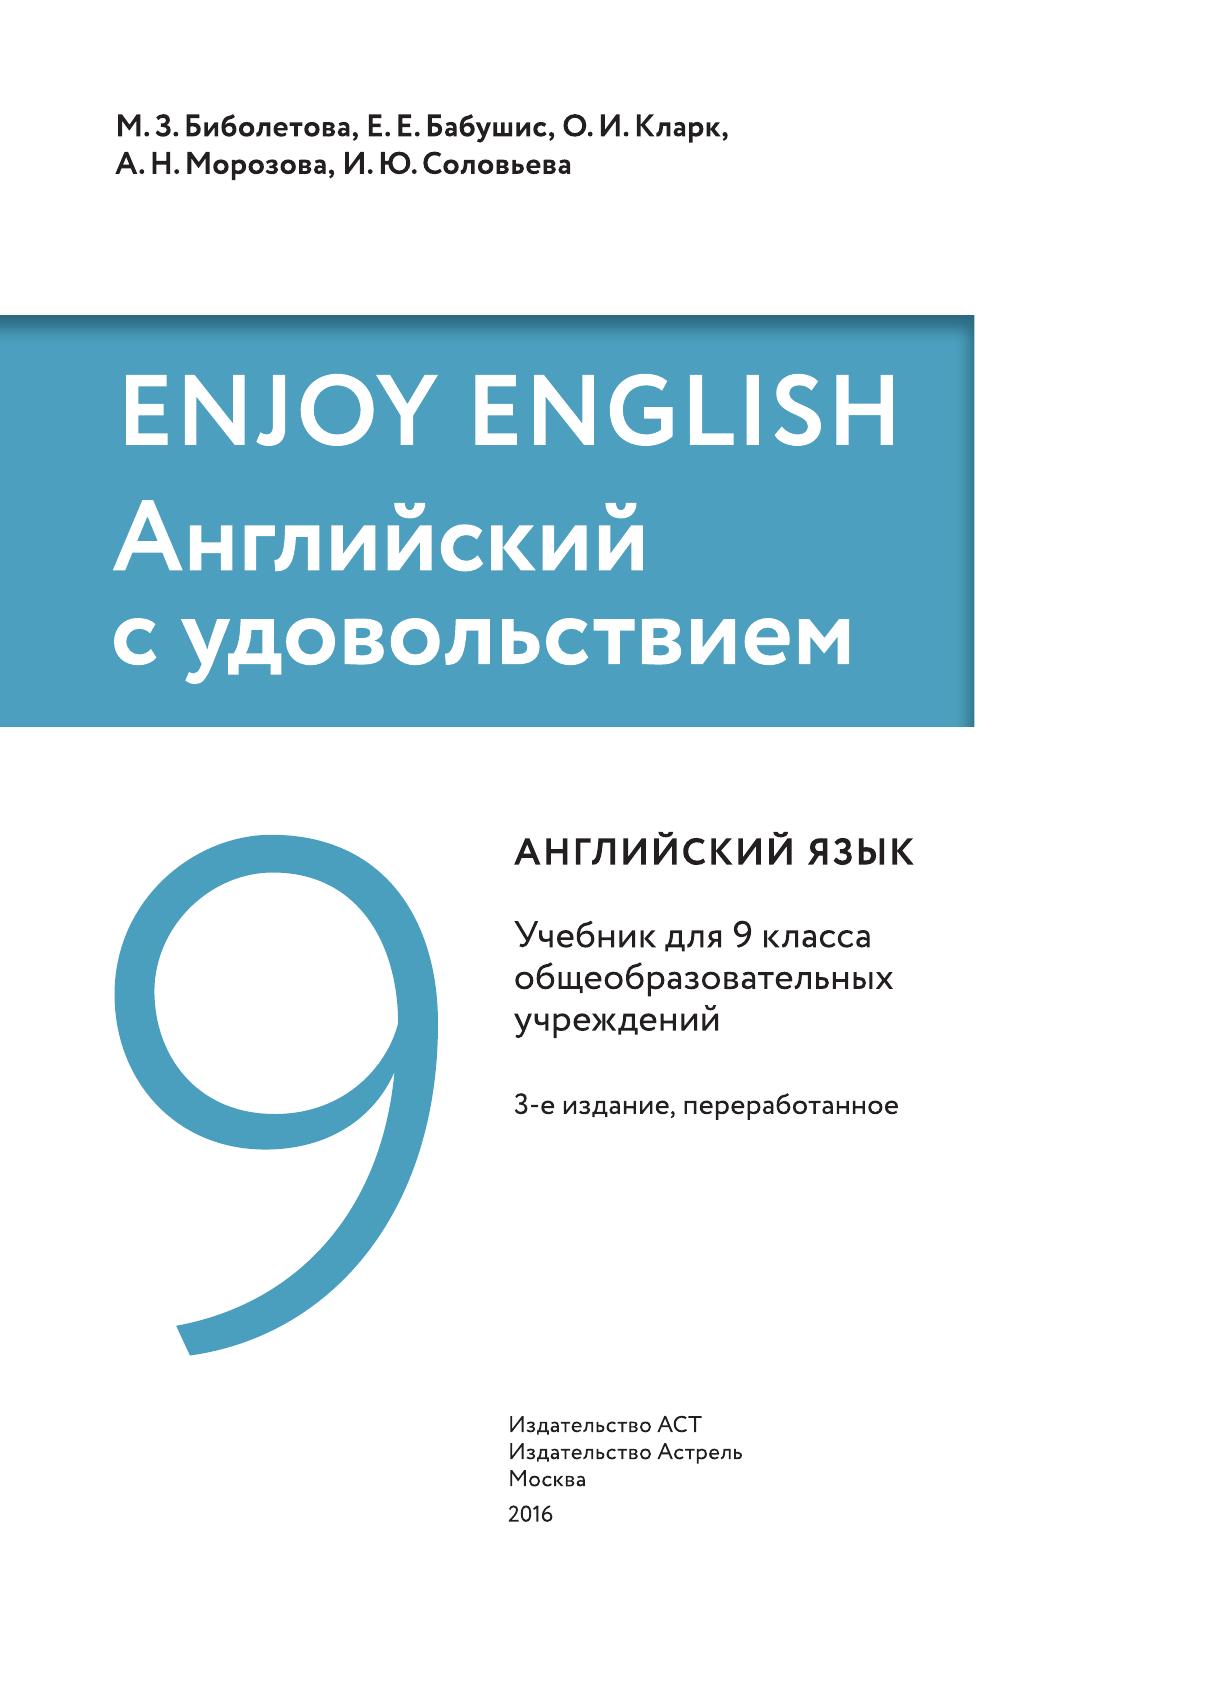 Решебник по английскому языку 9 класс биболетова рабочая тетрадь 2018 фгос